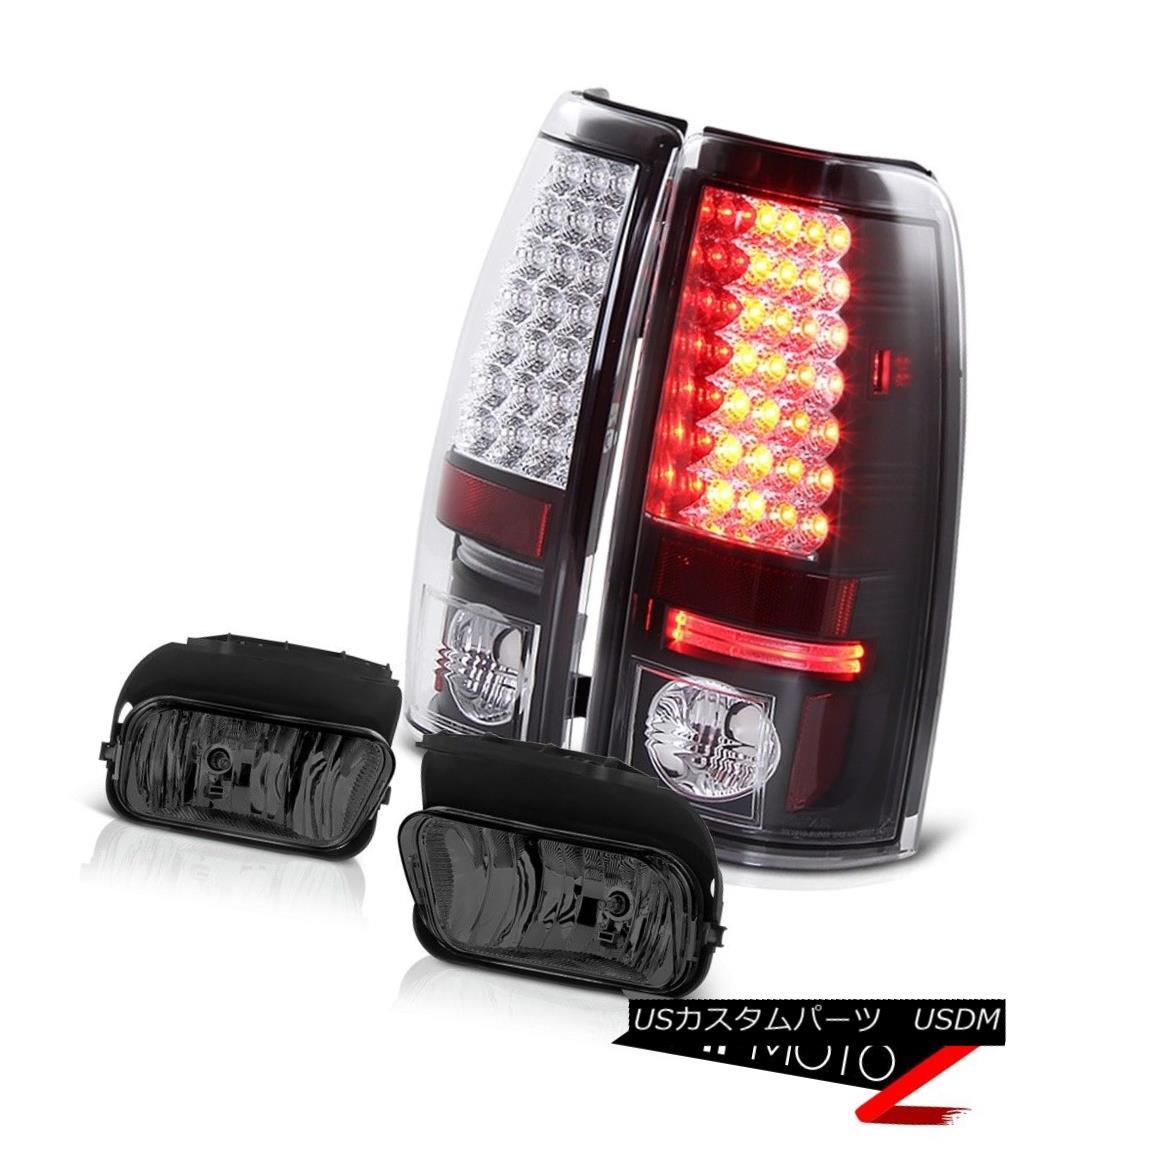 テールライト LED SMD Matte Black TailLight Bumper Driving Foglights 03 04 05 06 Silverado LT LED SMDマットブラックテールライトバンパードライビングフォグライト03 04 05 06 Silverado LT